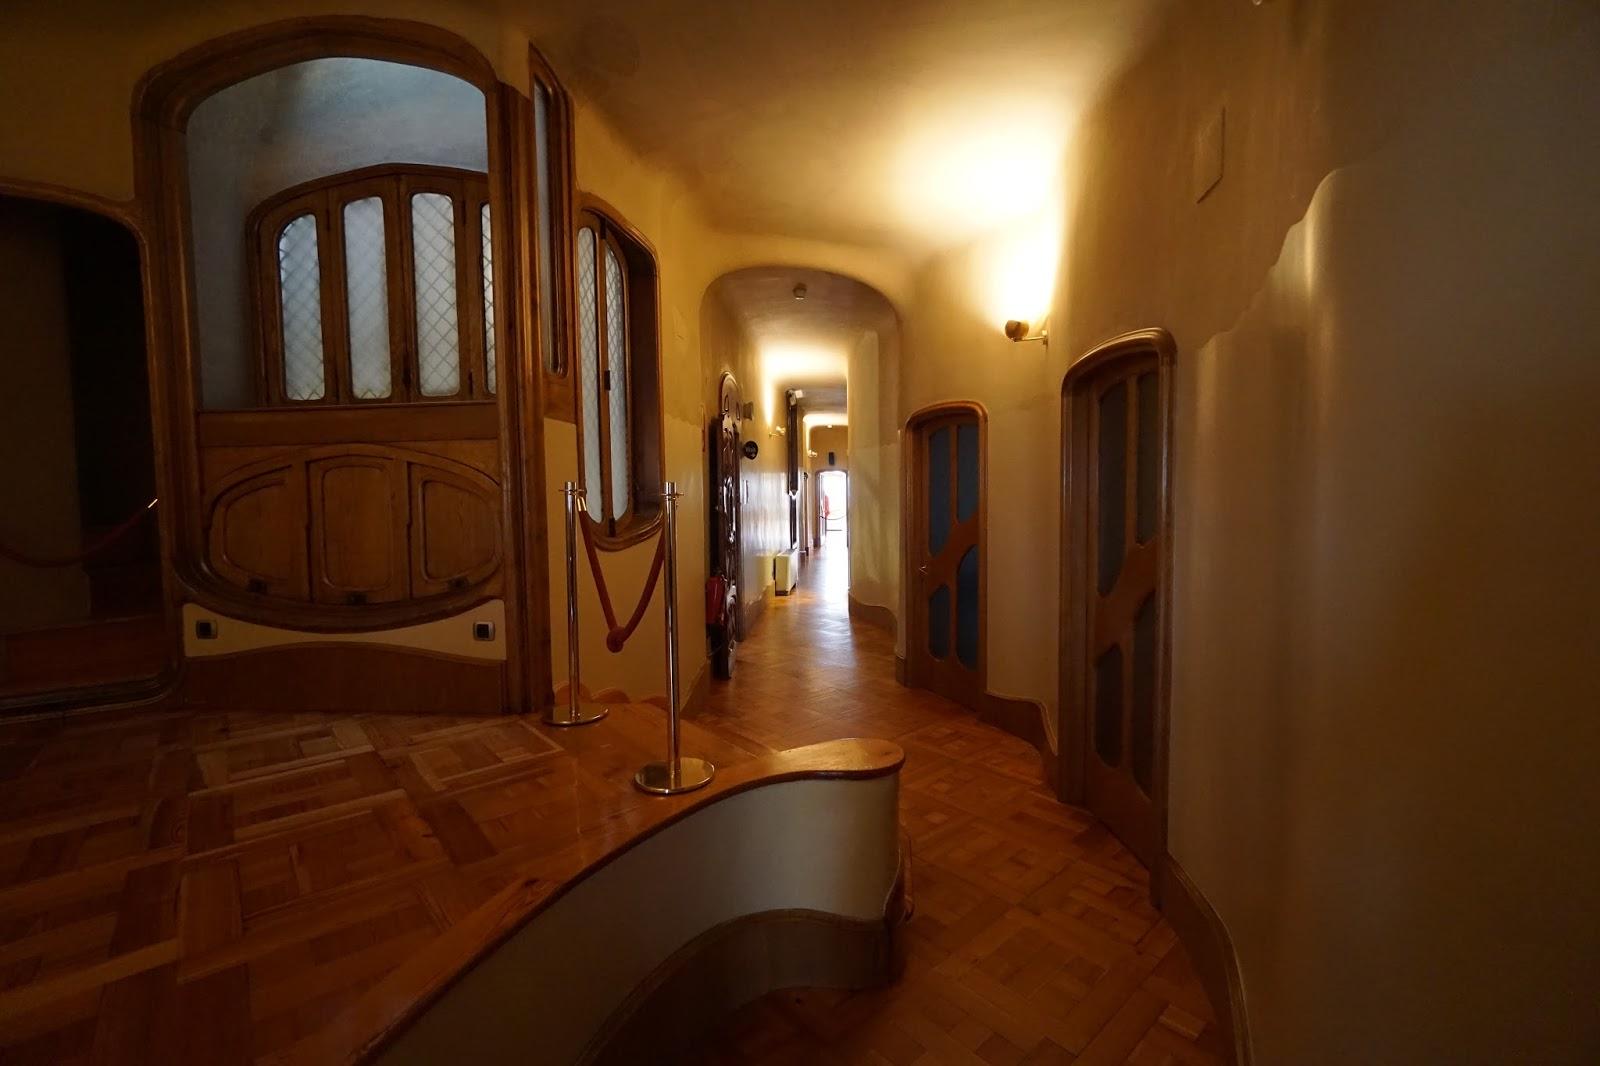 カサ・バトリョ(Casa Batlló) 廊下